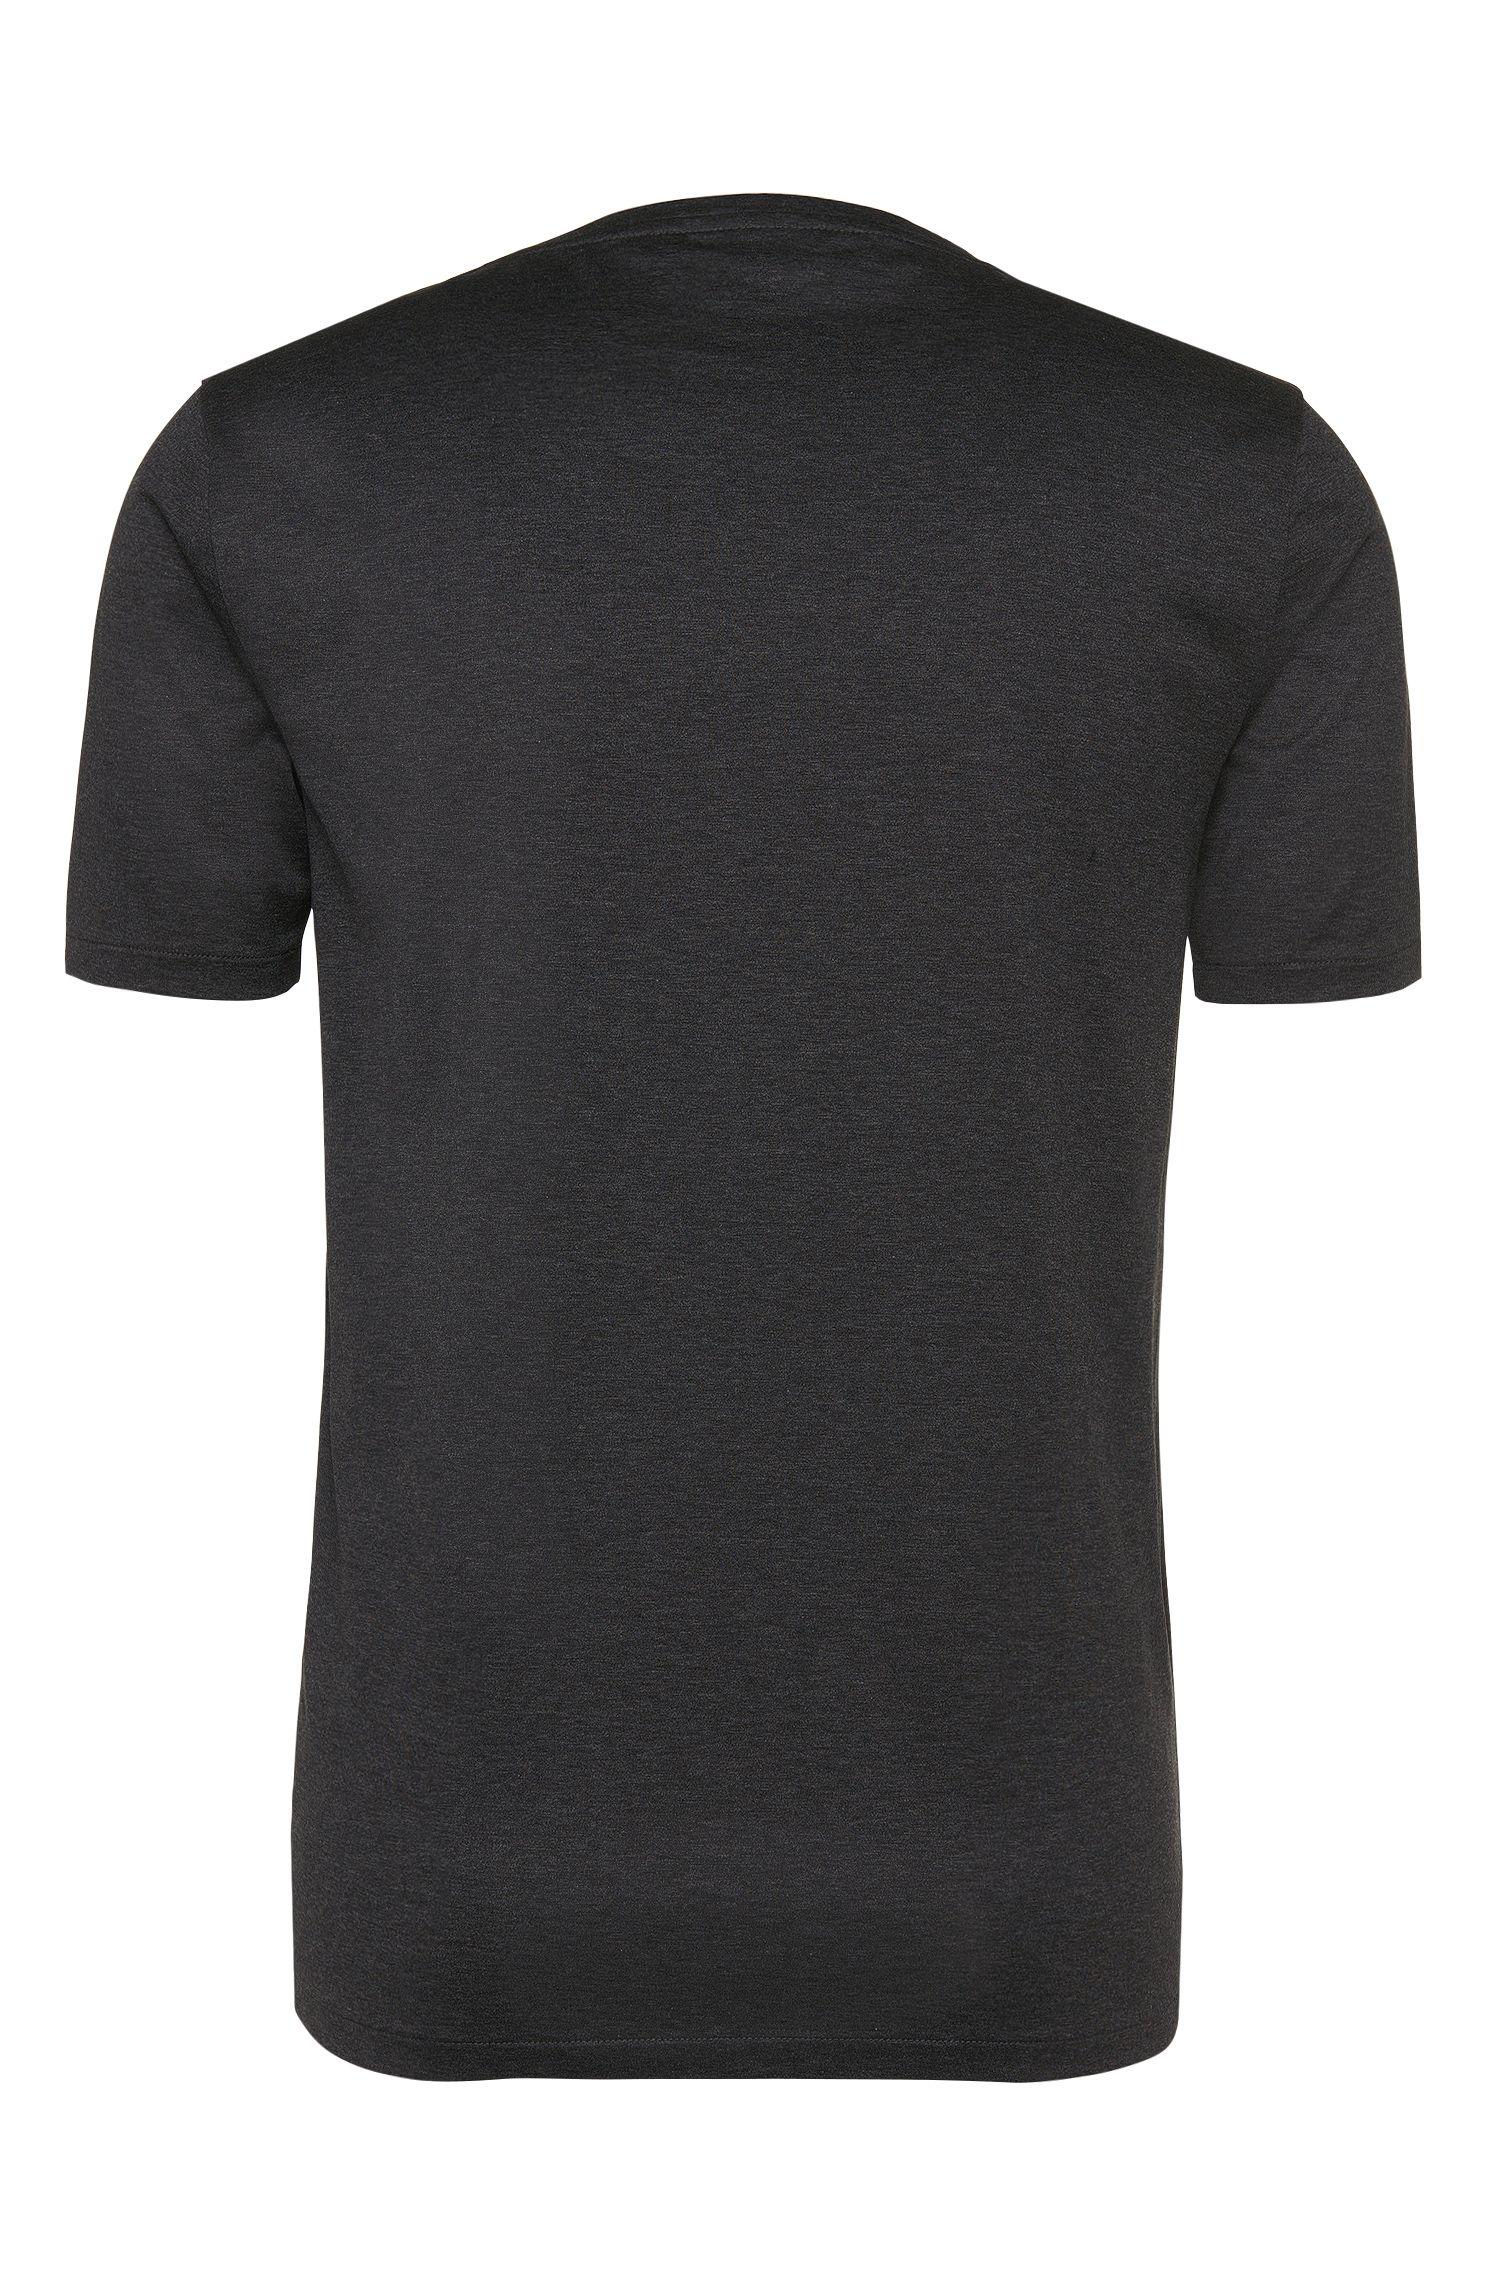 Regular-Fit T-Shirt aus reiner Baumwolle mit Brusttasche: 'Dalcone'